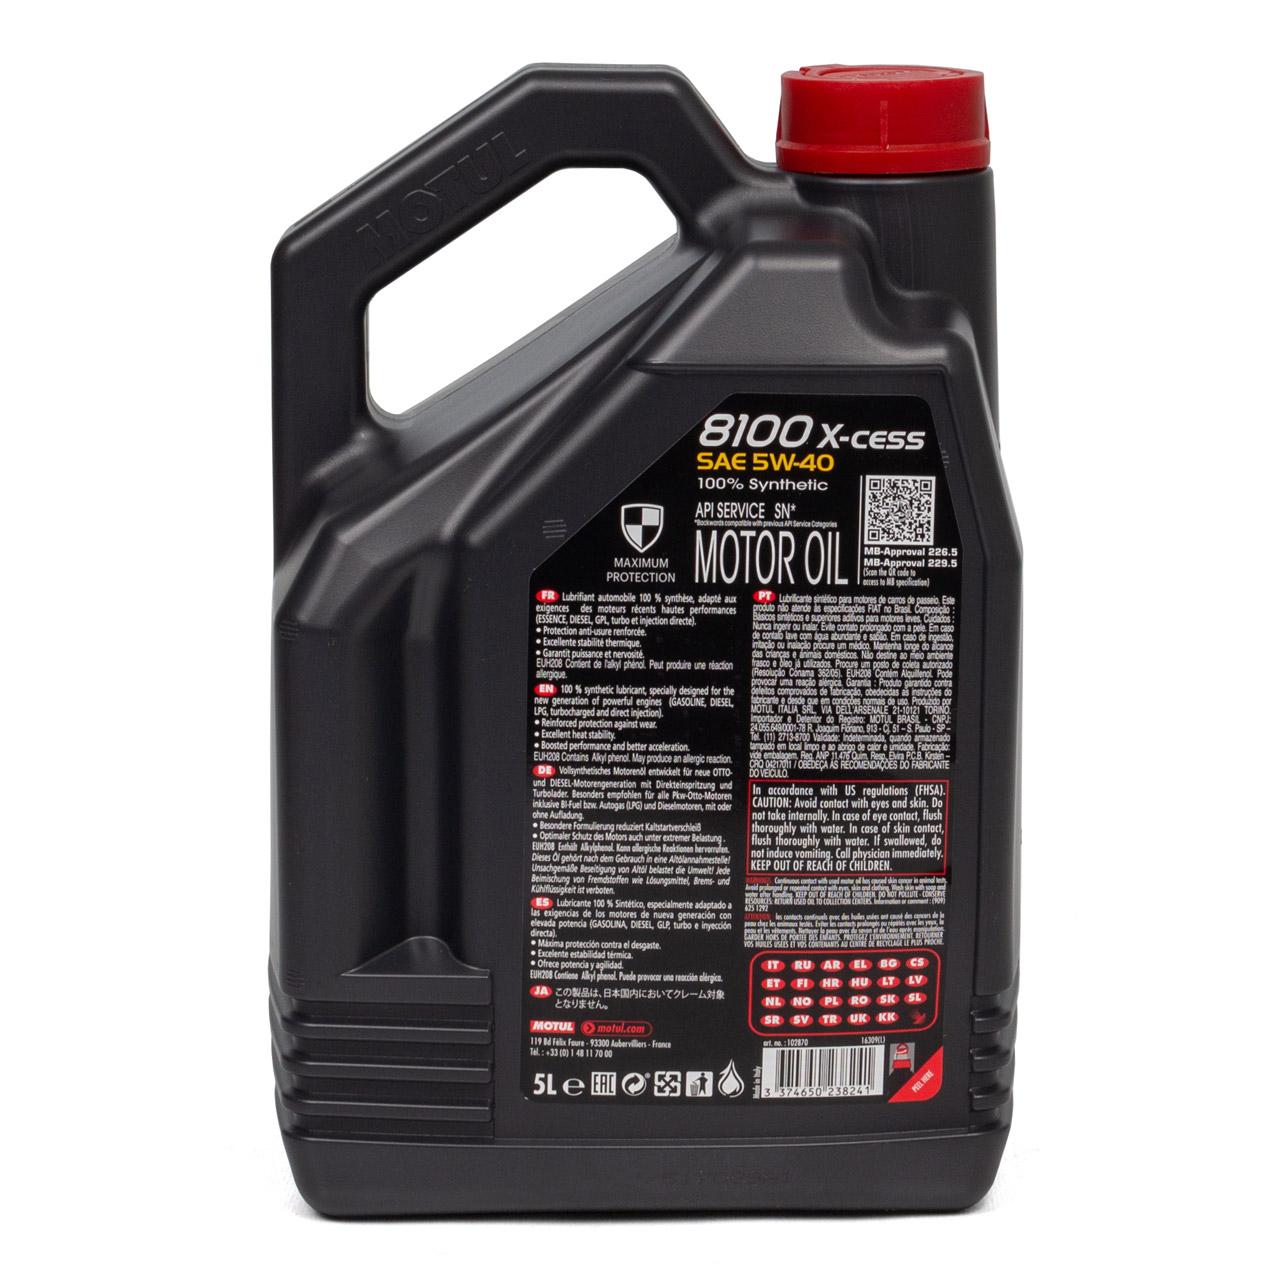 MOTUL 8100 X-cess Motoröl Öl 5W40 MB 229.5/226.5 VW 502.00/505.00 - 5L 5 Liter